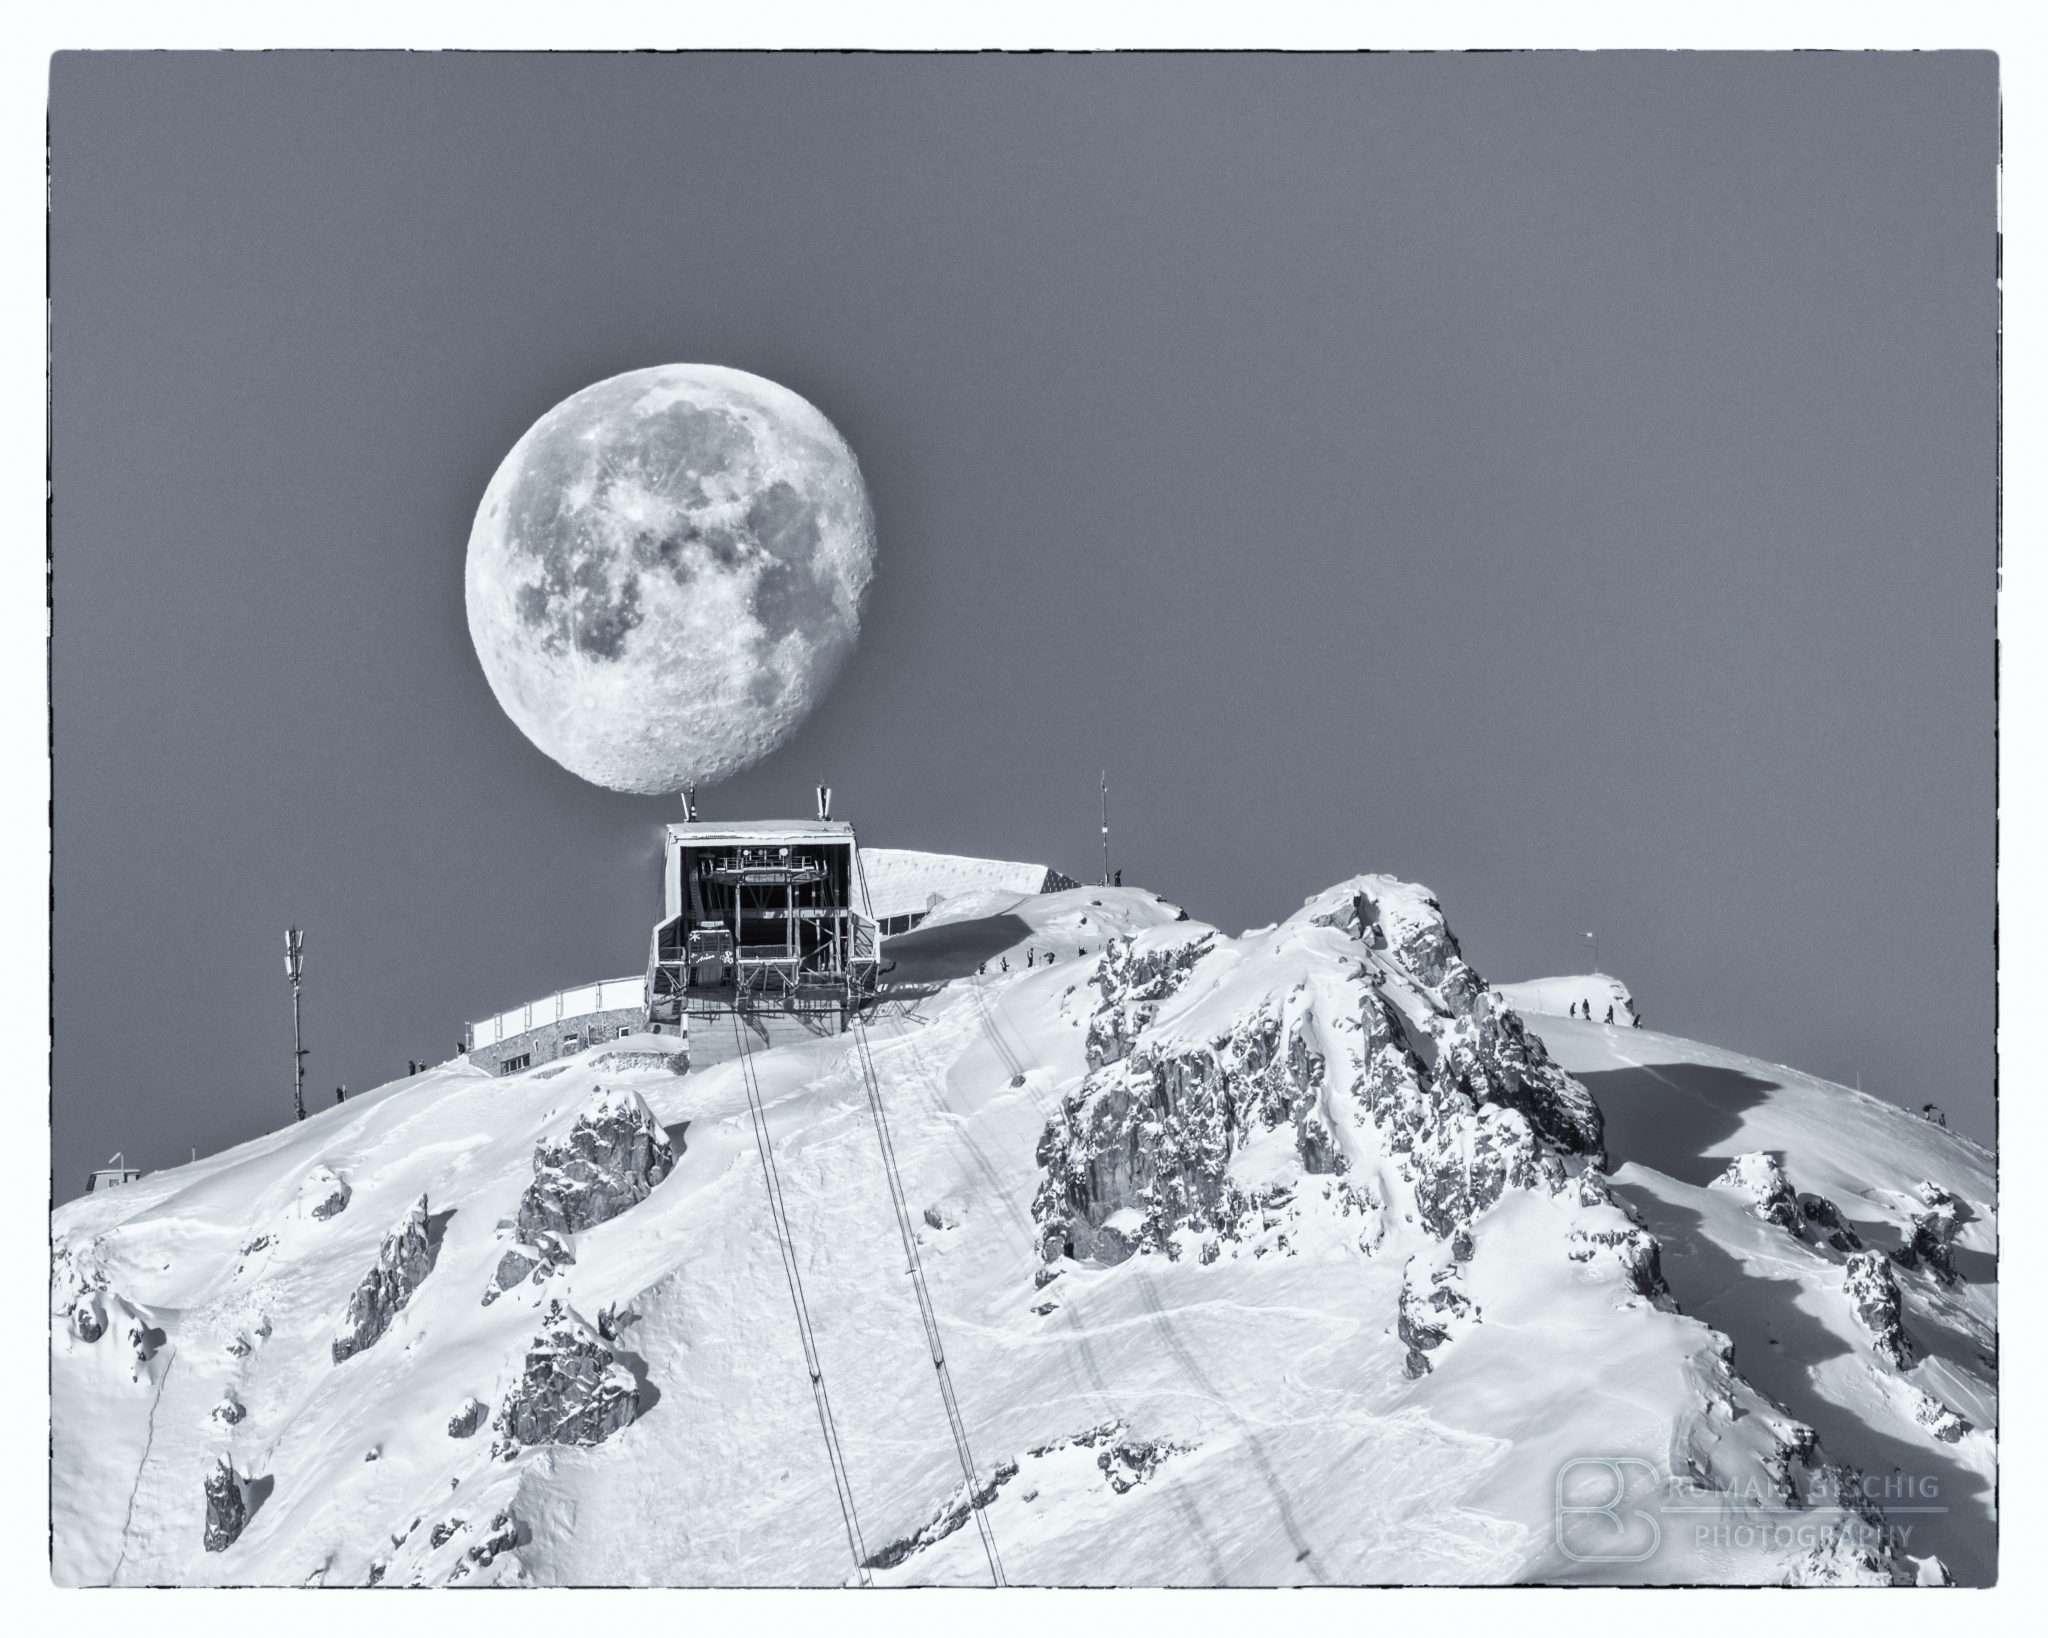 Mavic Air over snowy Arosa